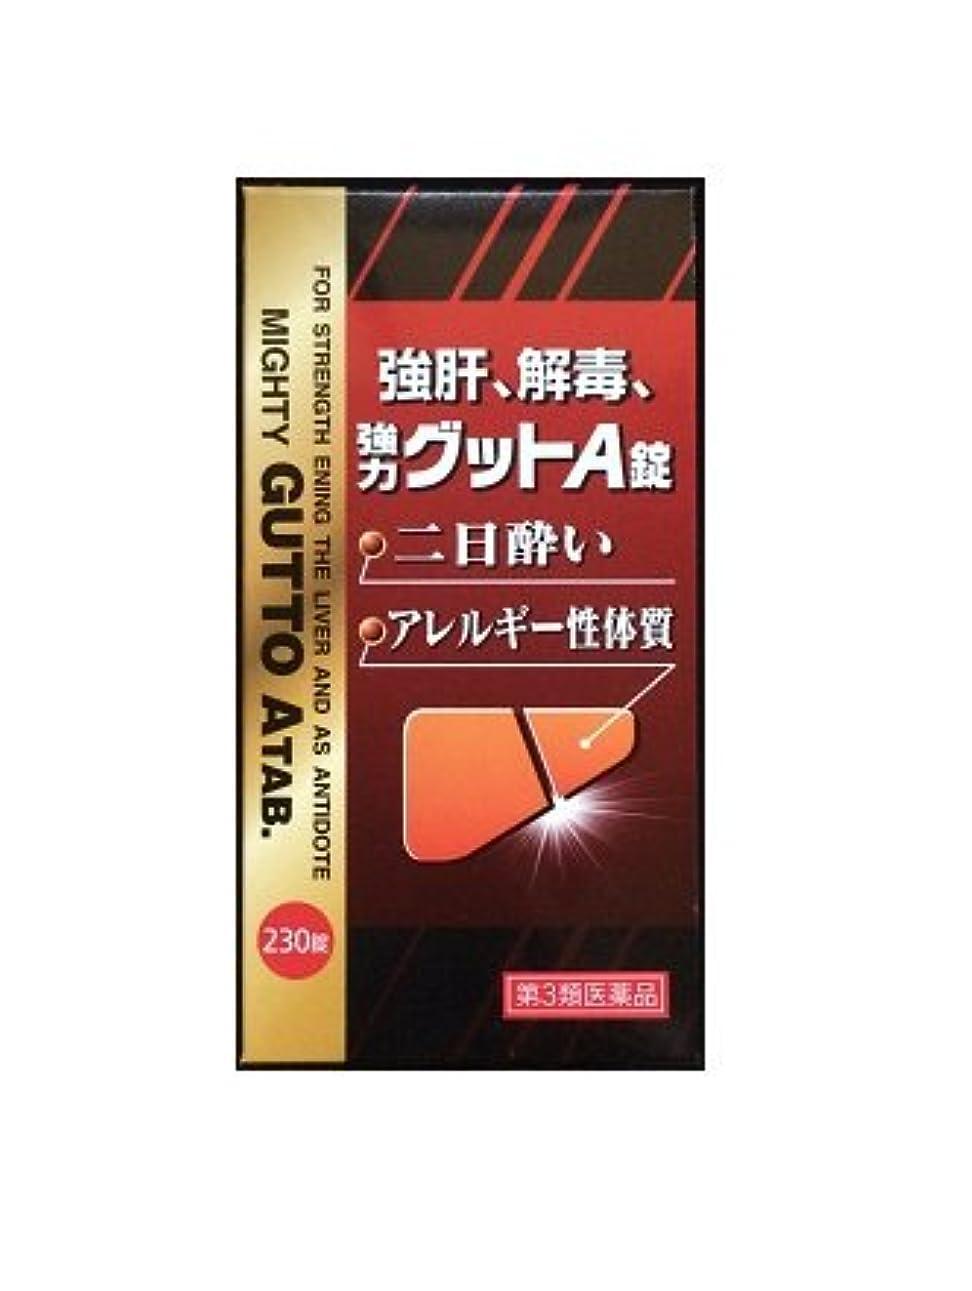 【第3類医薬品】強肝、解毒、強力グットA錠 230錠